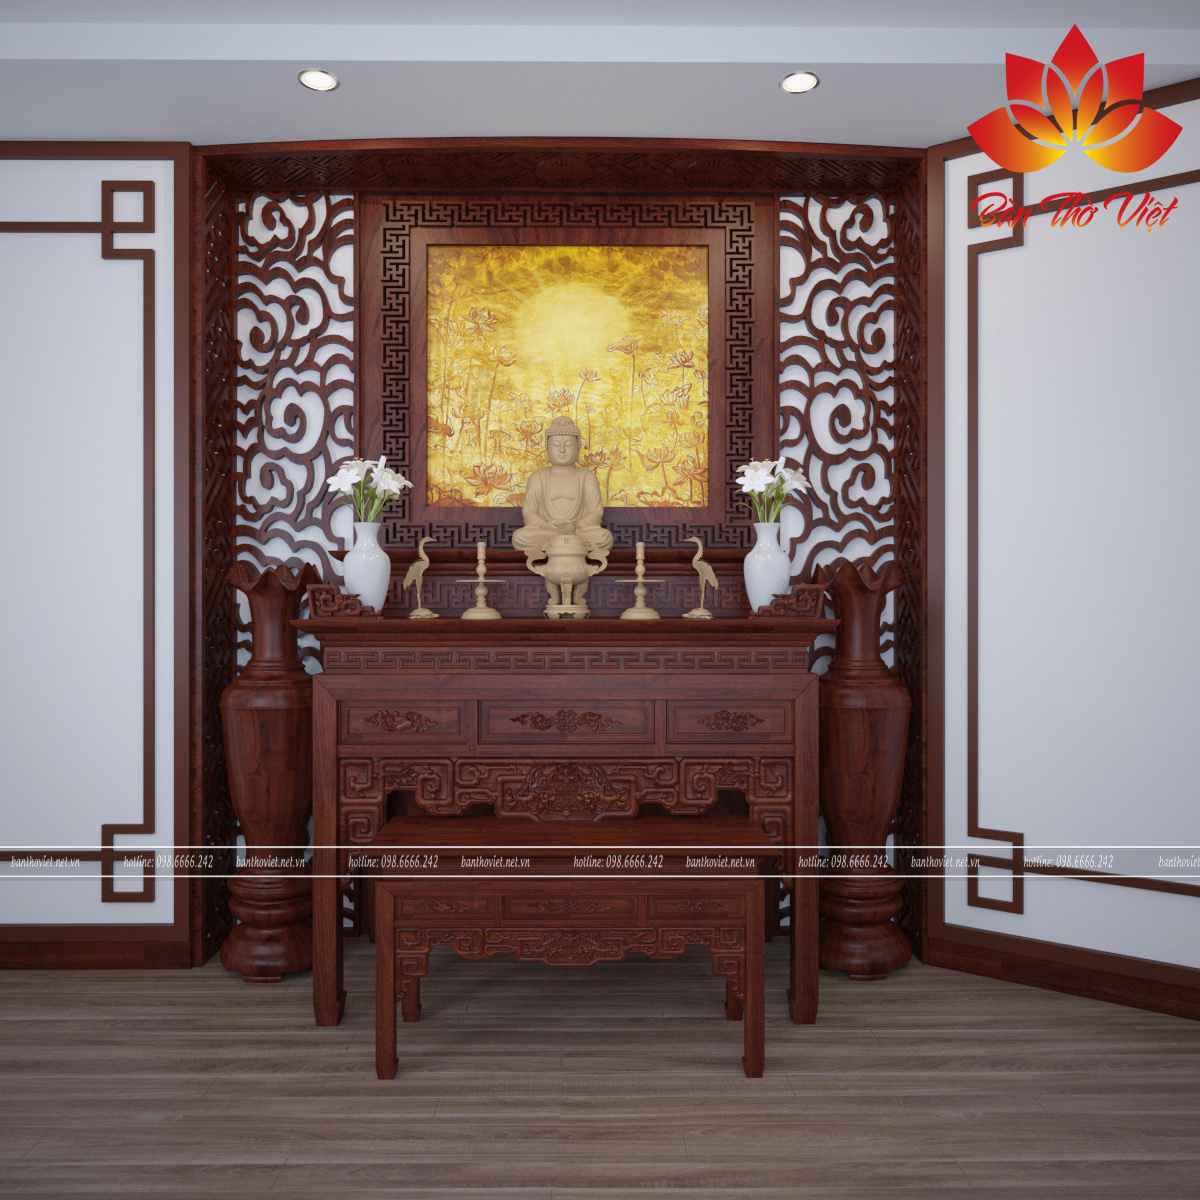 Những điều cần lưu ý khi lập bàn thờ Phật tại gia đình để luôn may mắn